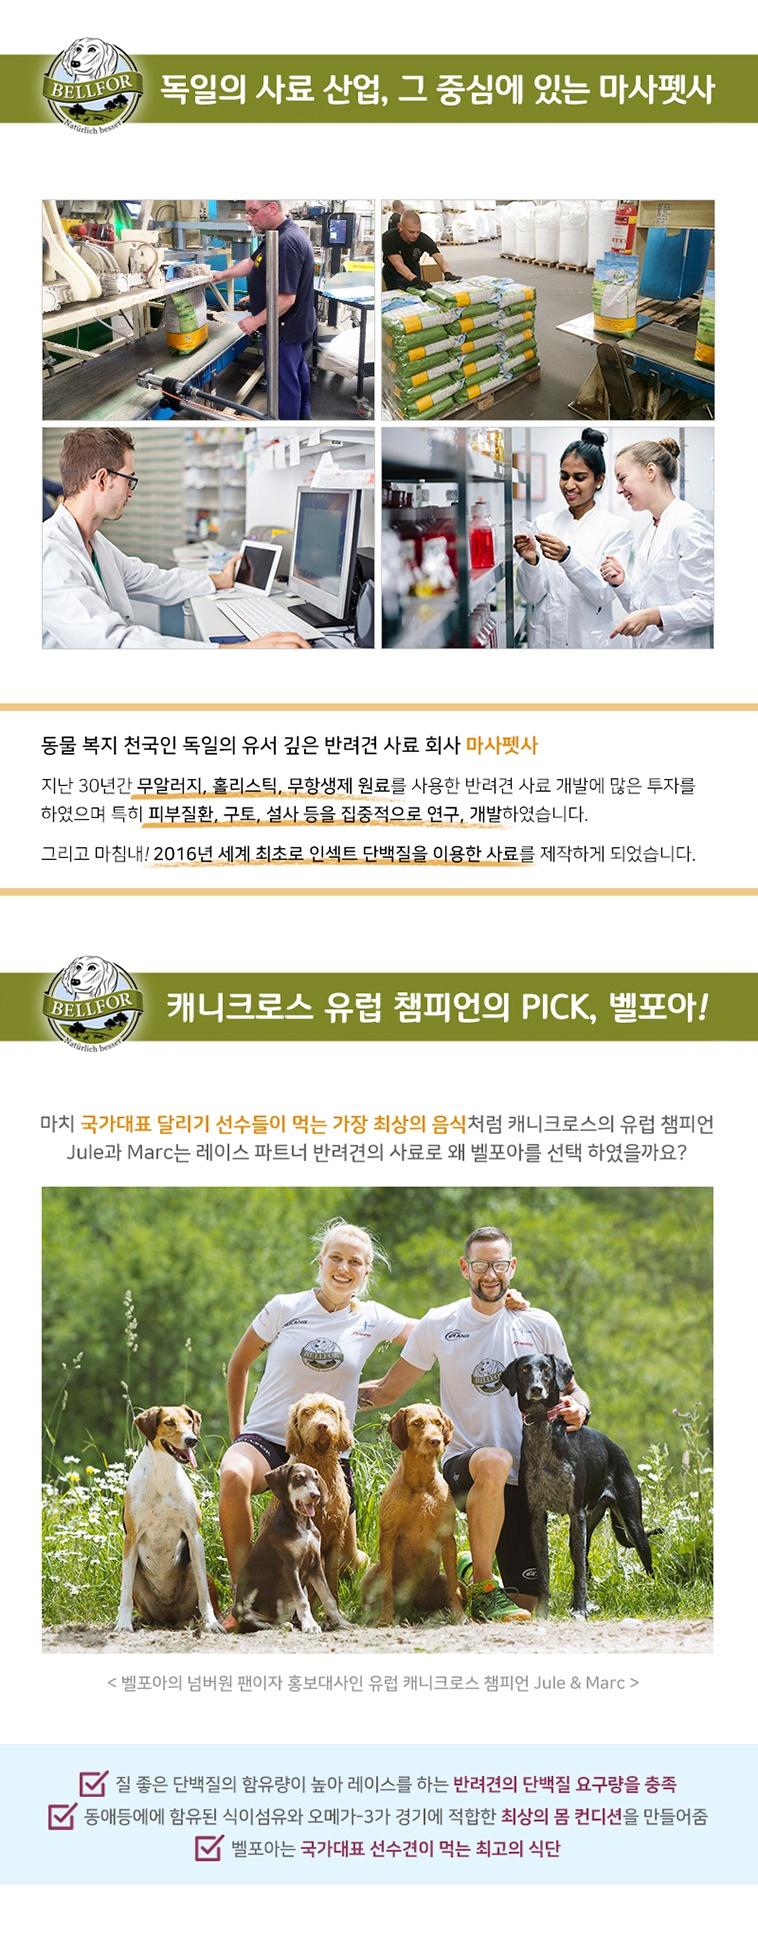 벨포아 홀리스틱 인섹트 (2.5kg)-상품이미지-2